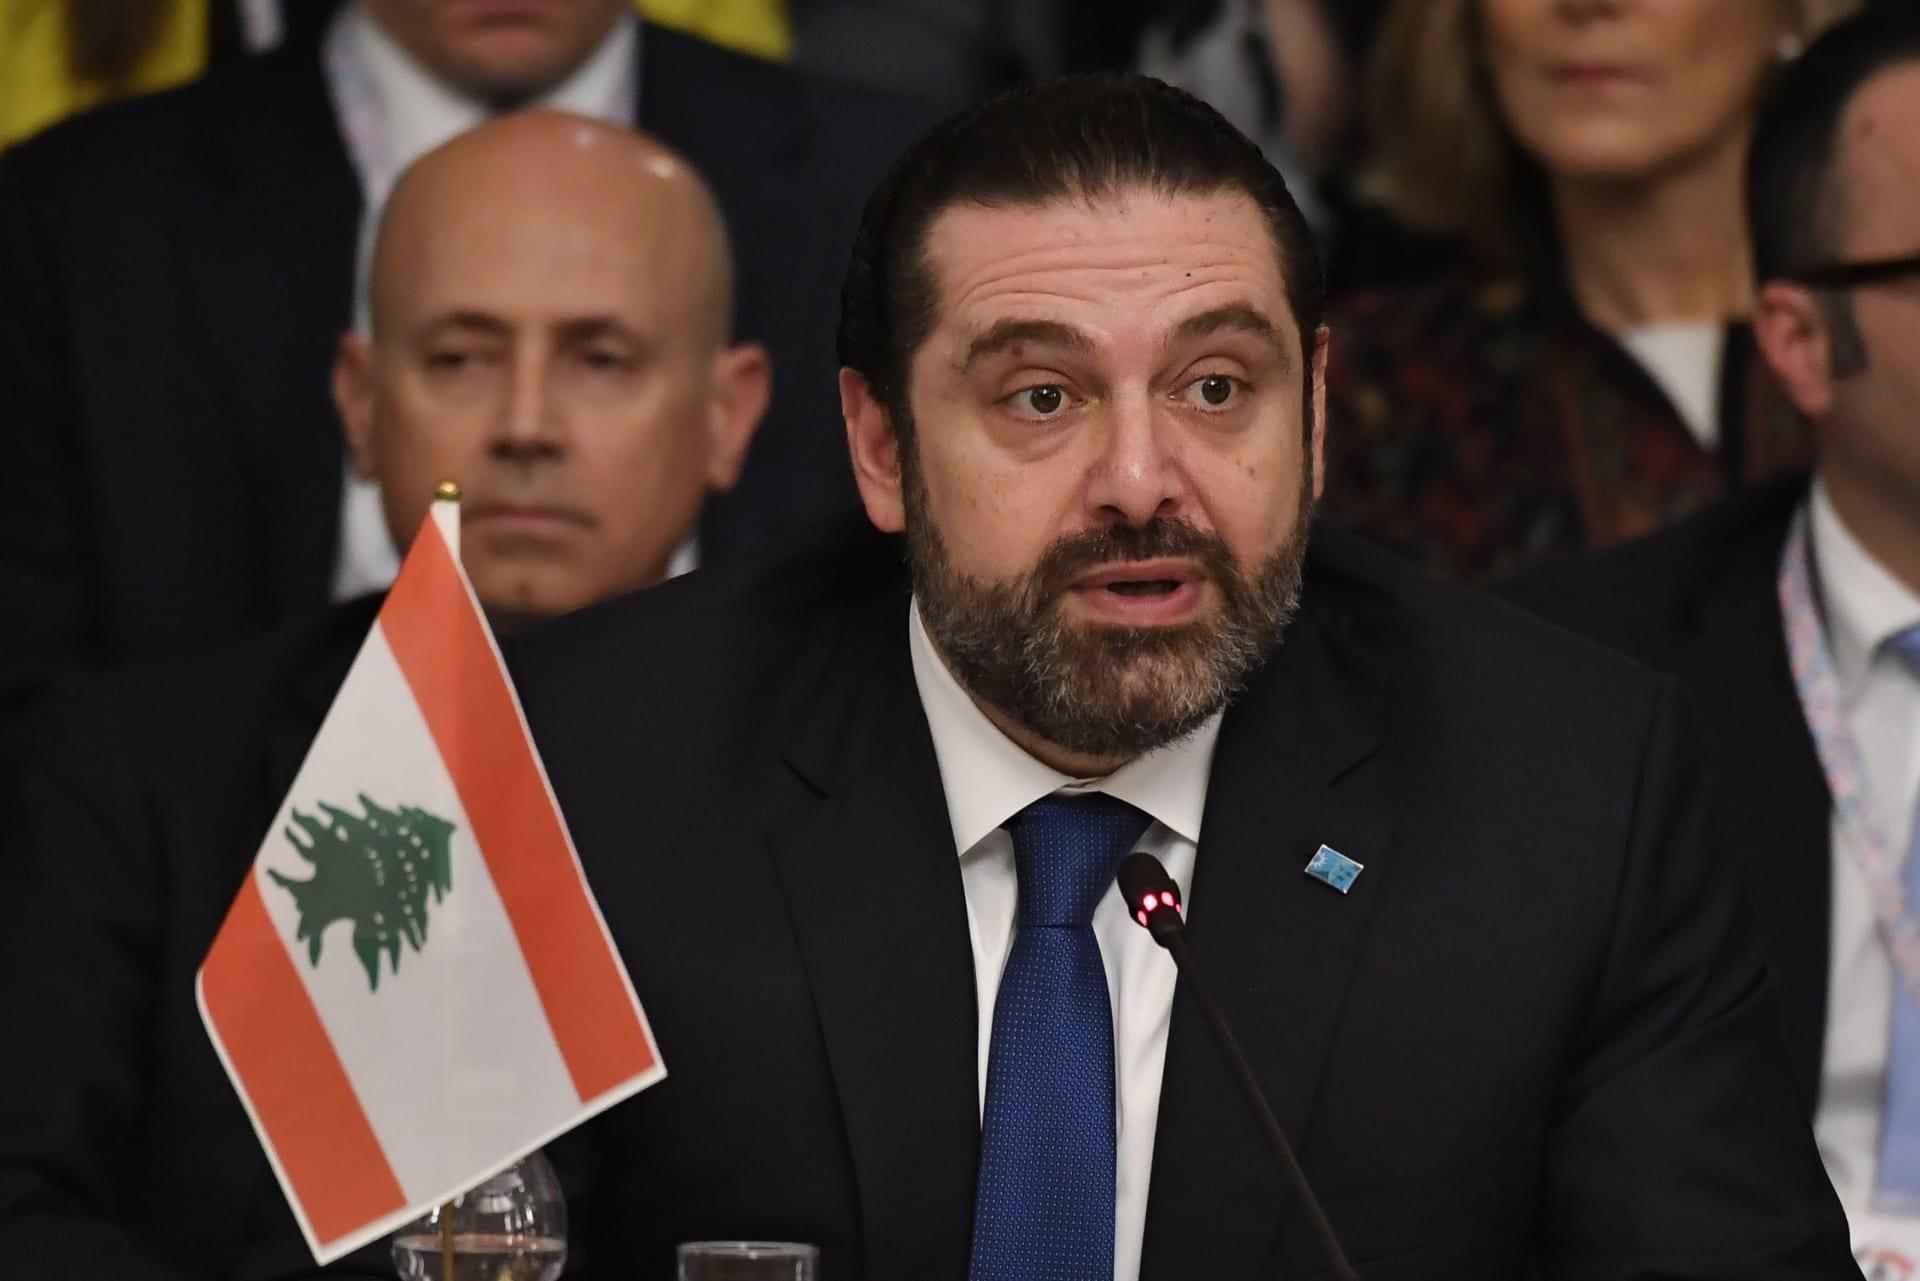 سعد الحريري: يحاولون شطب اسم رفيق الحريري من كل لبنان